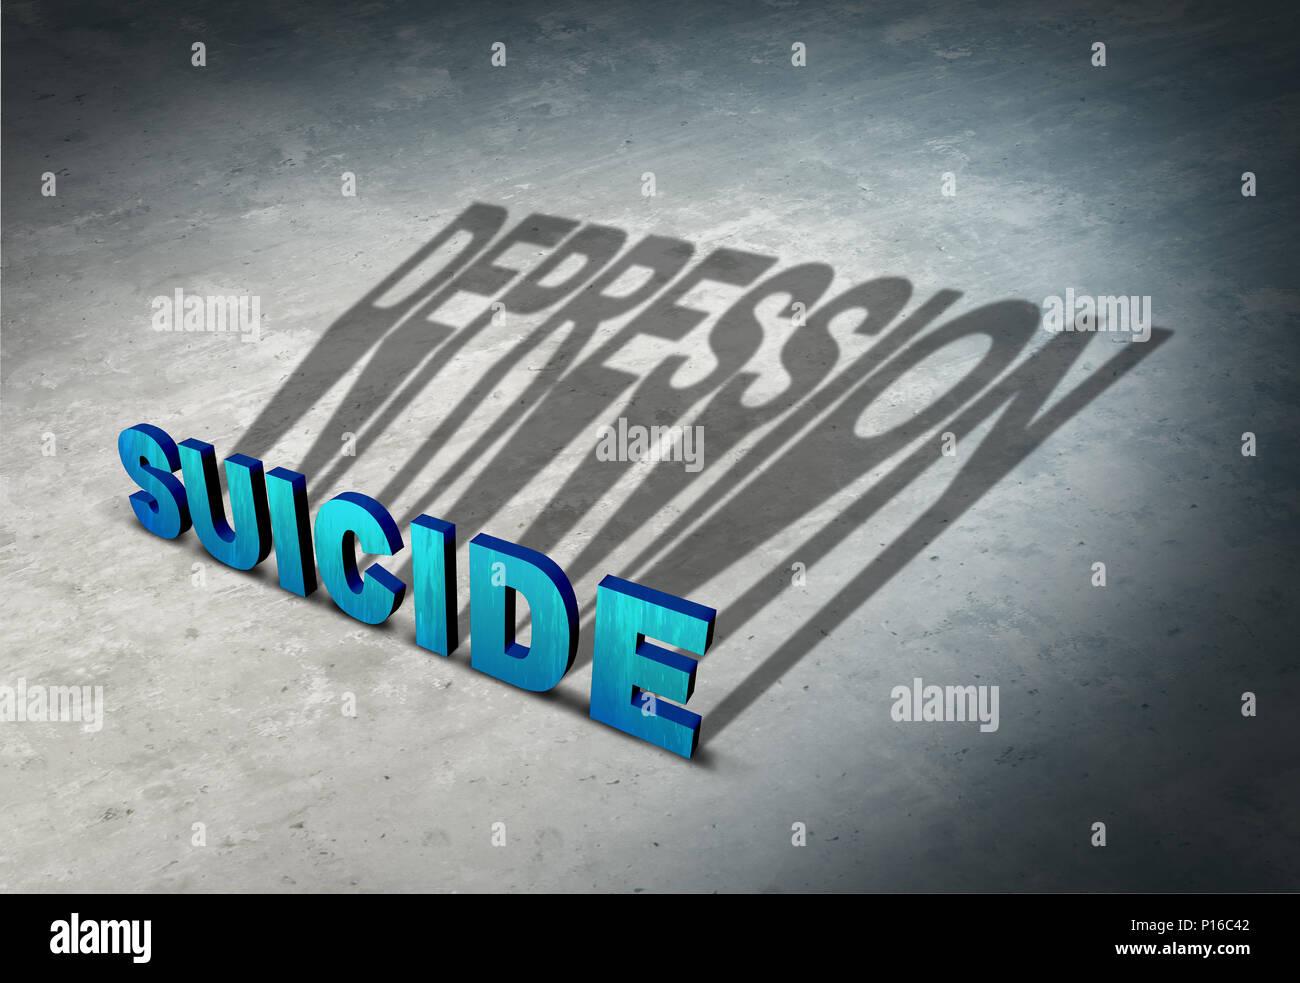 Suicide et dépression signes de désespoir comme une maladie mentale concept de santé comme une solution permanente à un état temporaire de l'esprit. Photo Stock